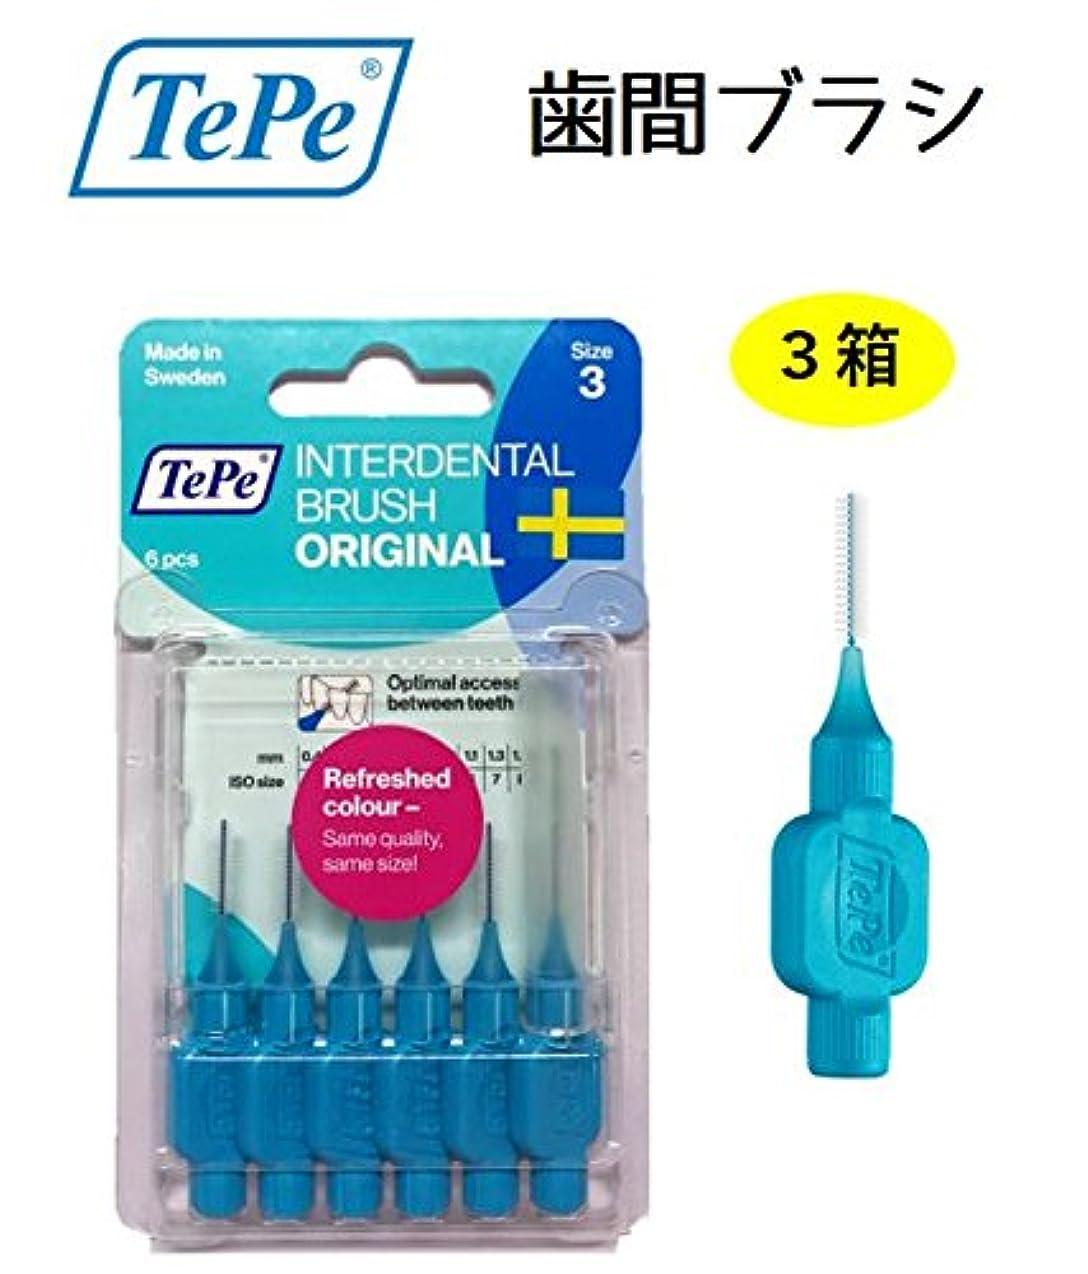 複製平和な貢献テペ 歯間プラシ 0.6mm ブリスターパック 3パック TePe IDブラシ